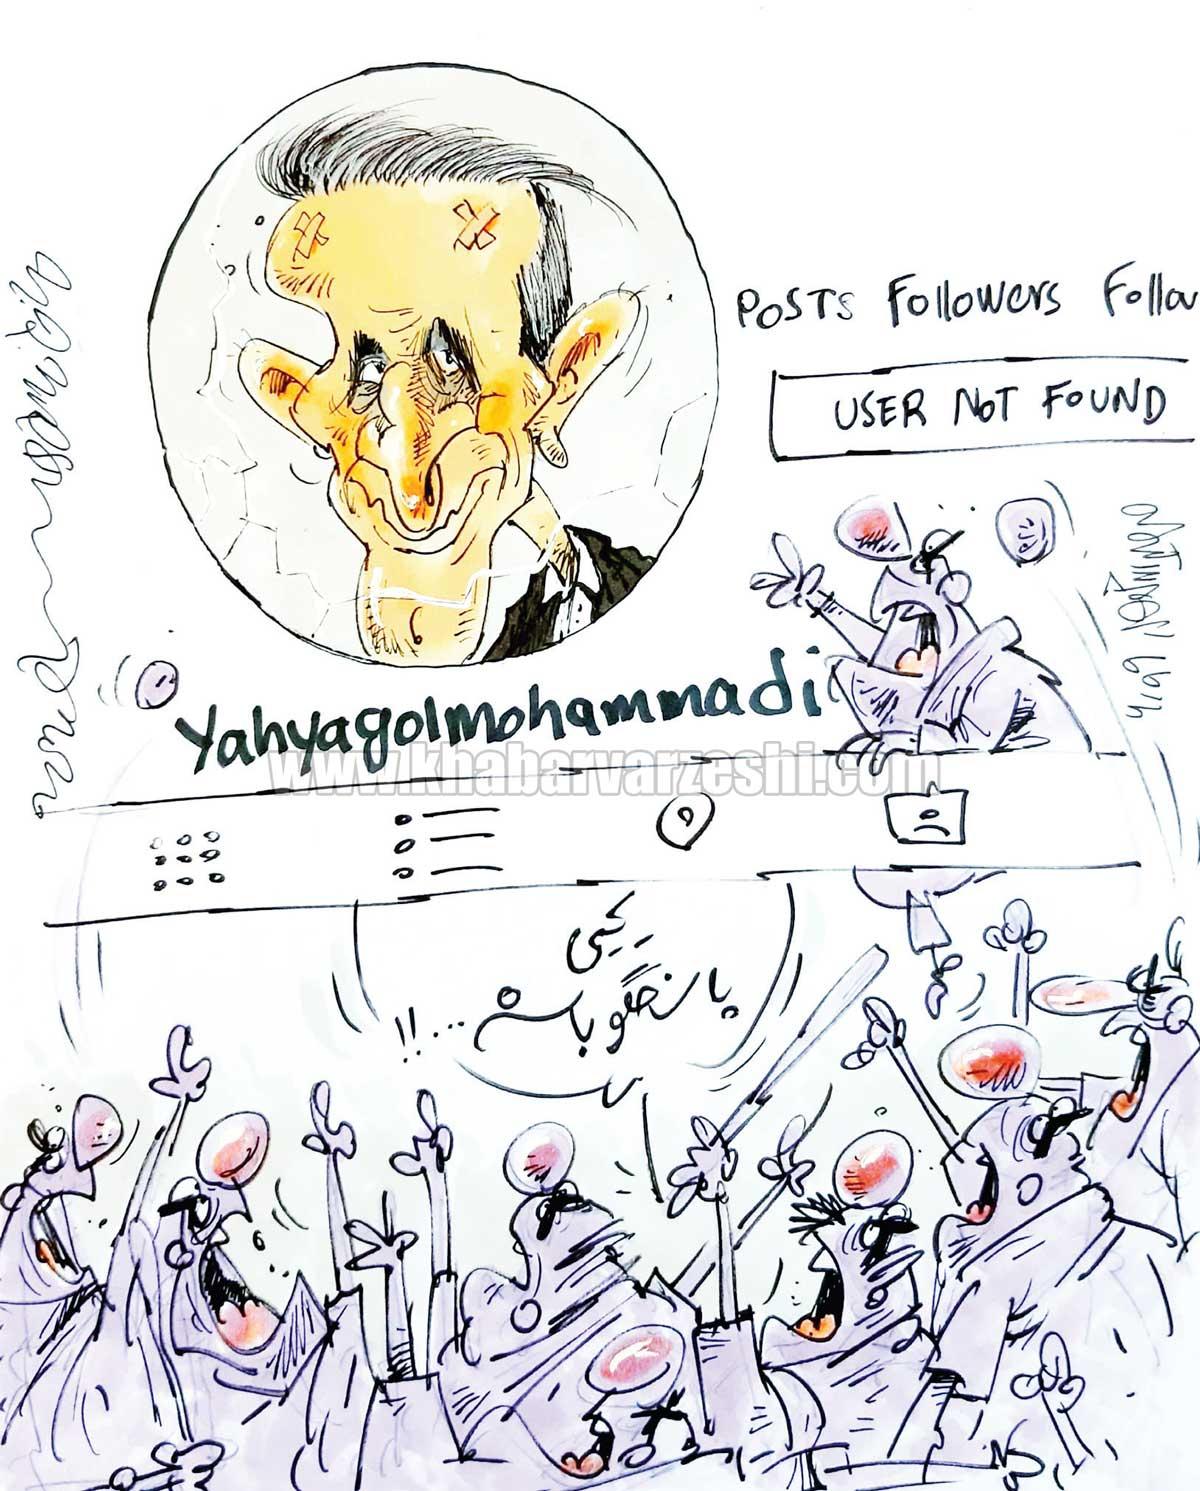 کارتون محمدرضا میرشاهولد درباره اینستاگرام یجیی گلمحمدی